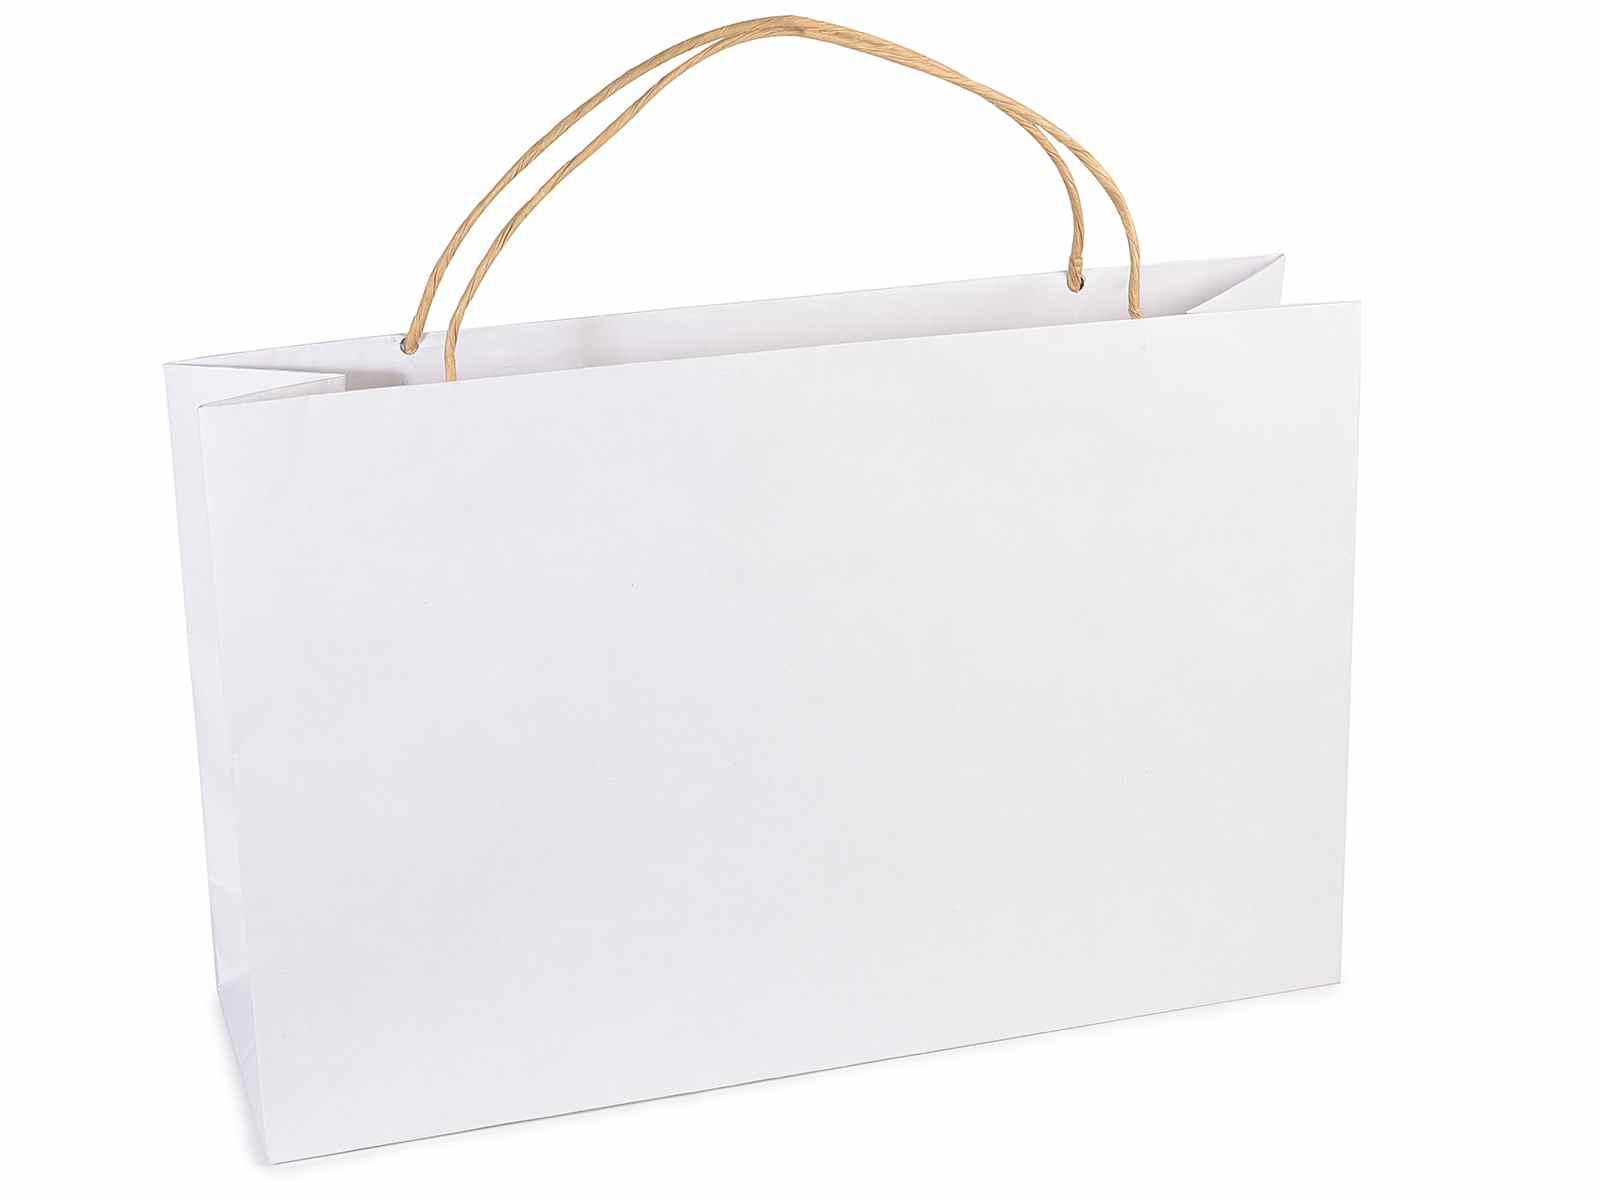 couleur n brillante produits de qualité conception populaire Sac rectangulaire en papier rigide avec poignées (12.13.74 ...